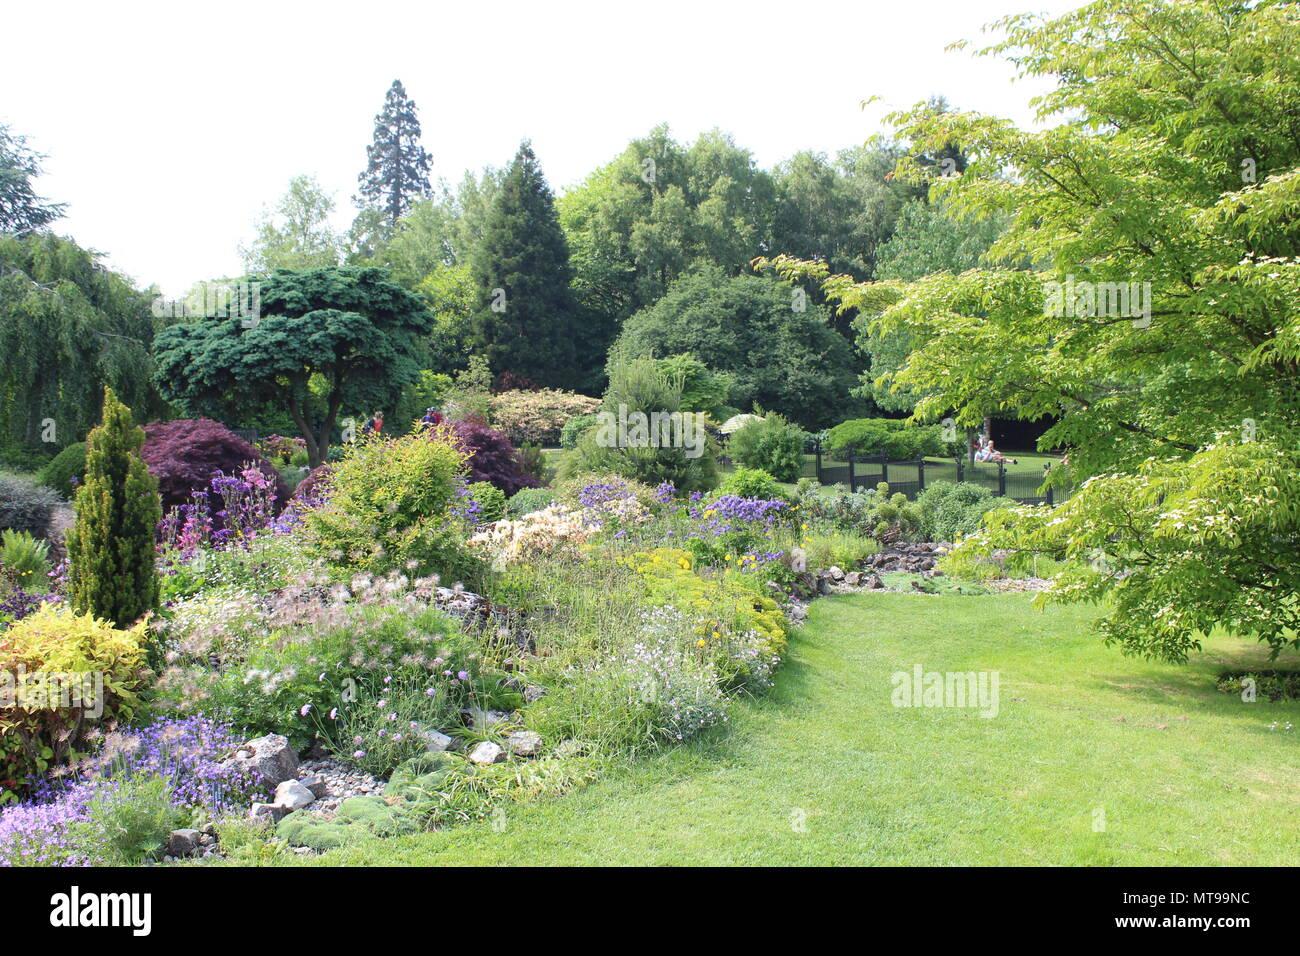 Gardens at emmetts garden National trust - Stock Image